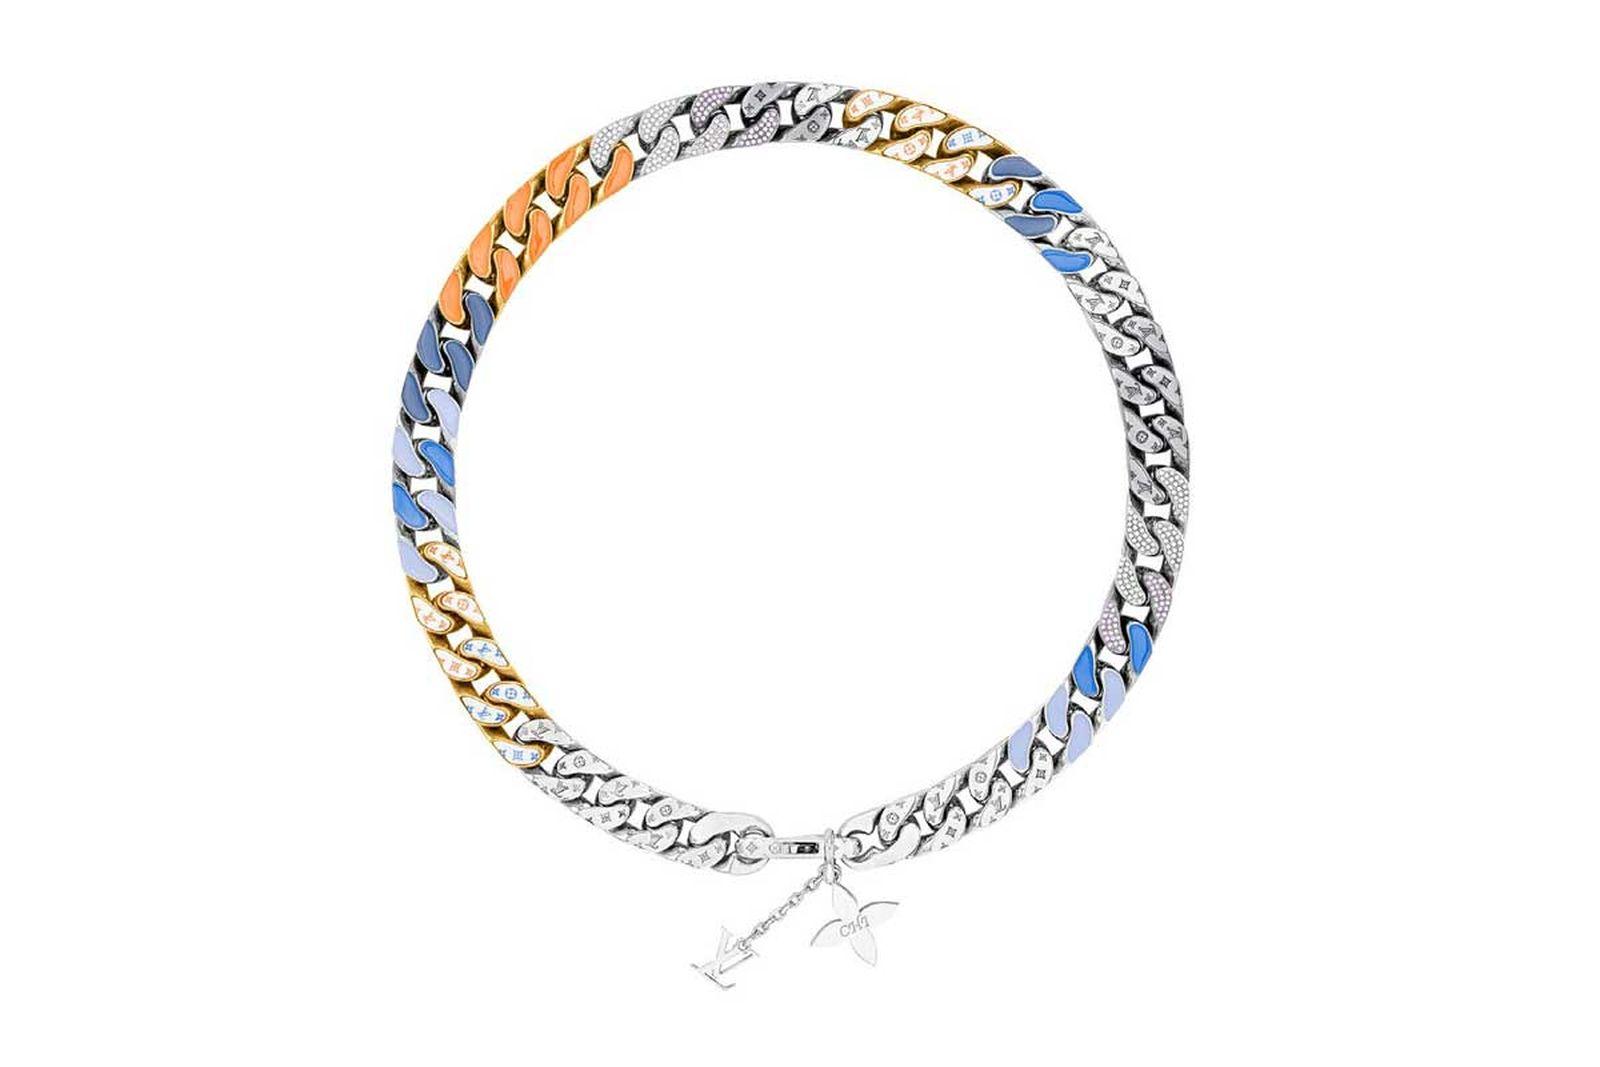 louis vuitton lv chain link neckalces (4)